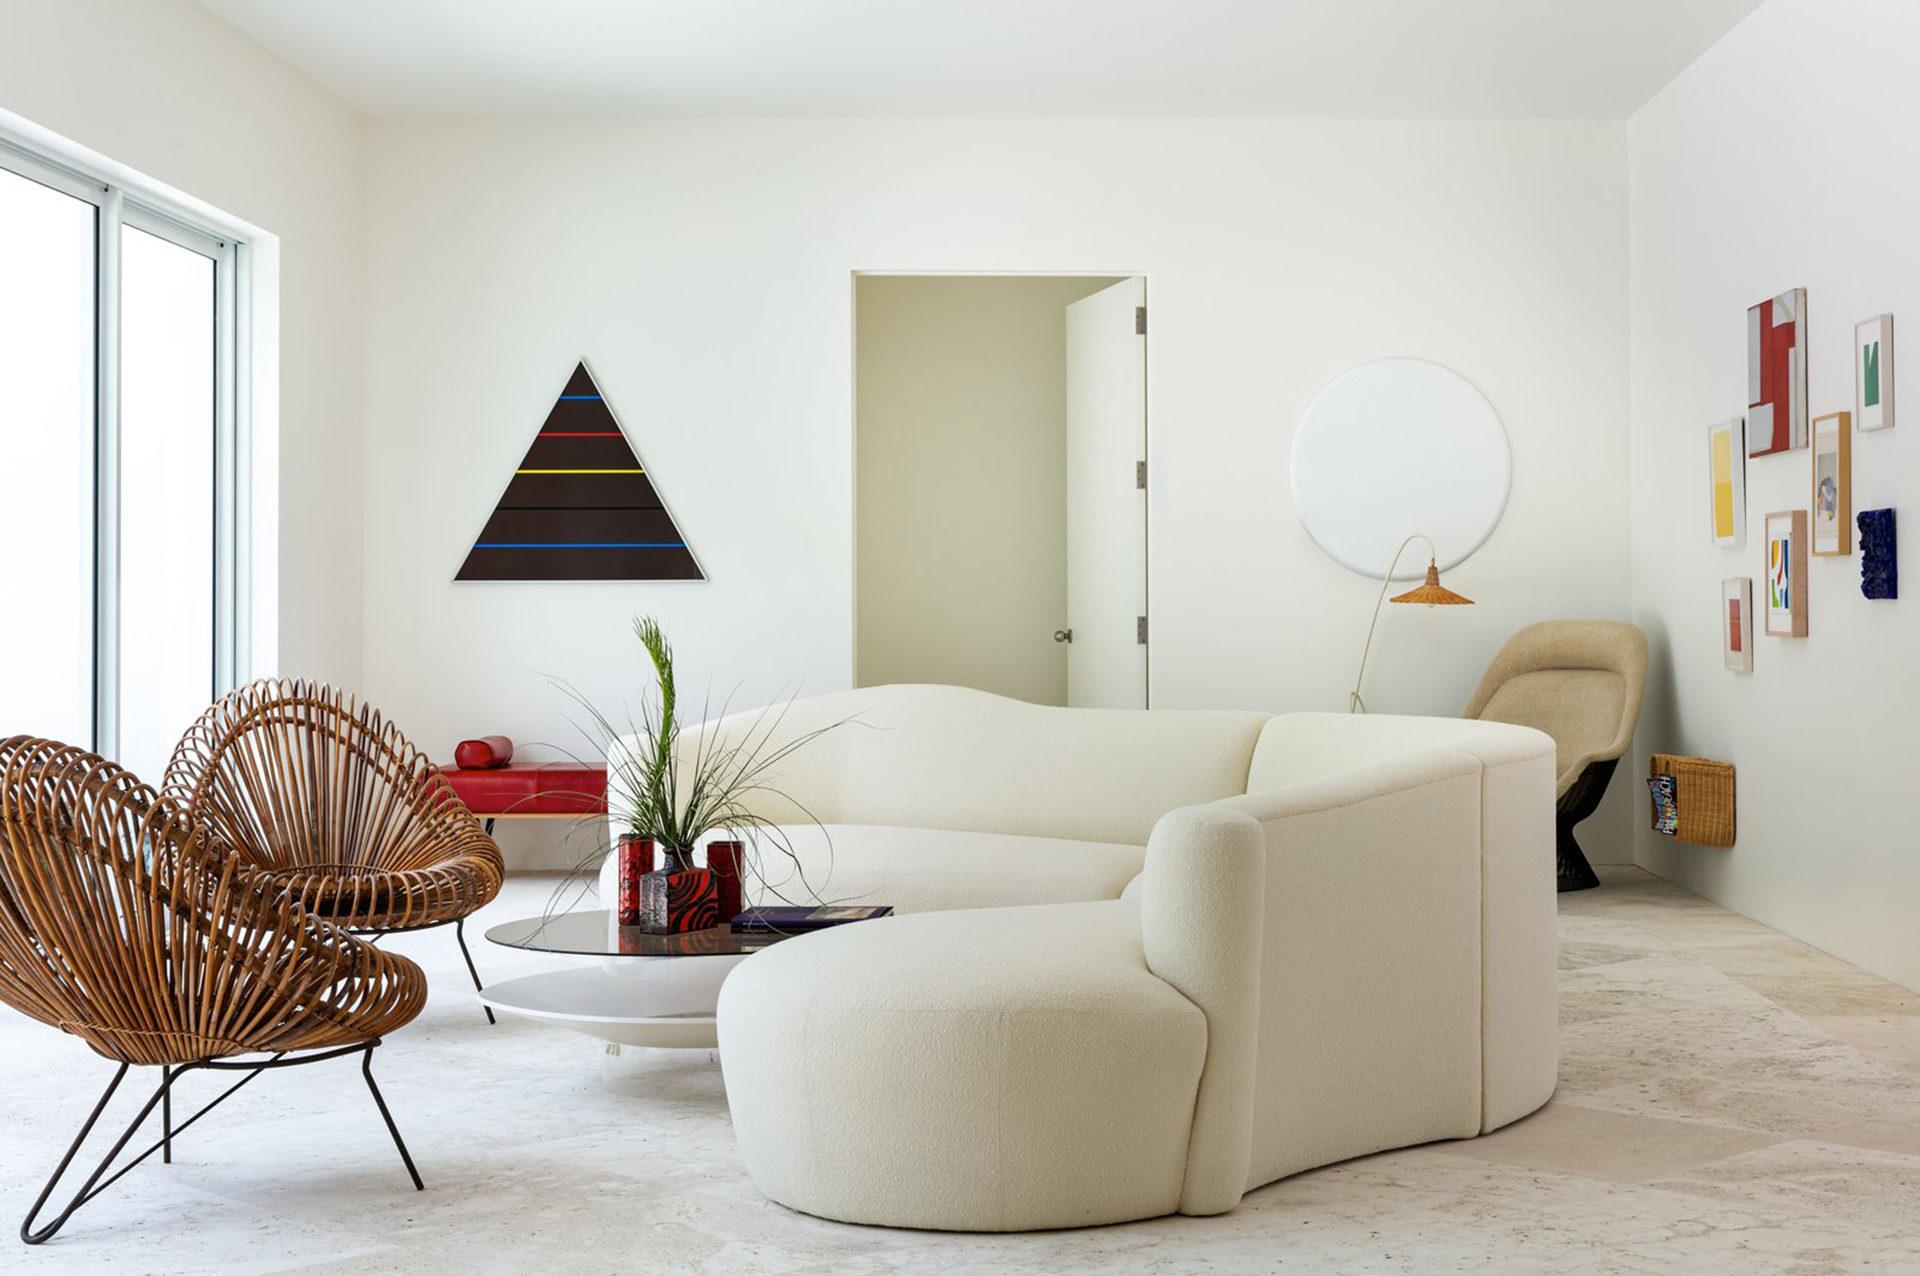 interior-trend-2020-10-6882201